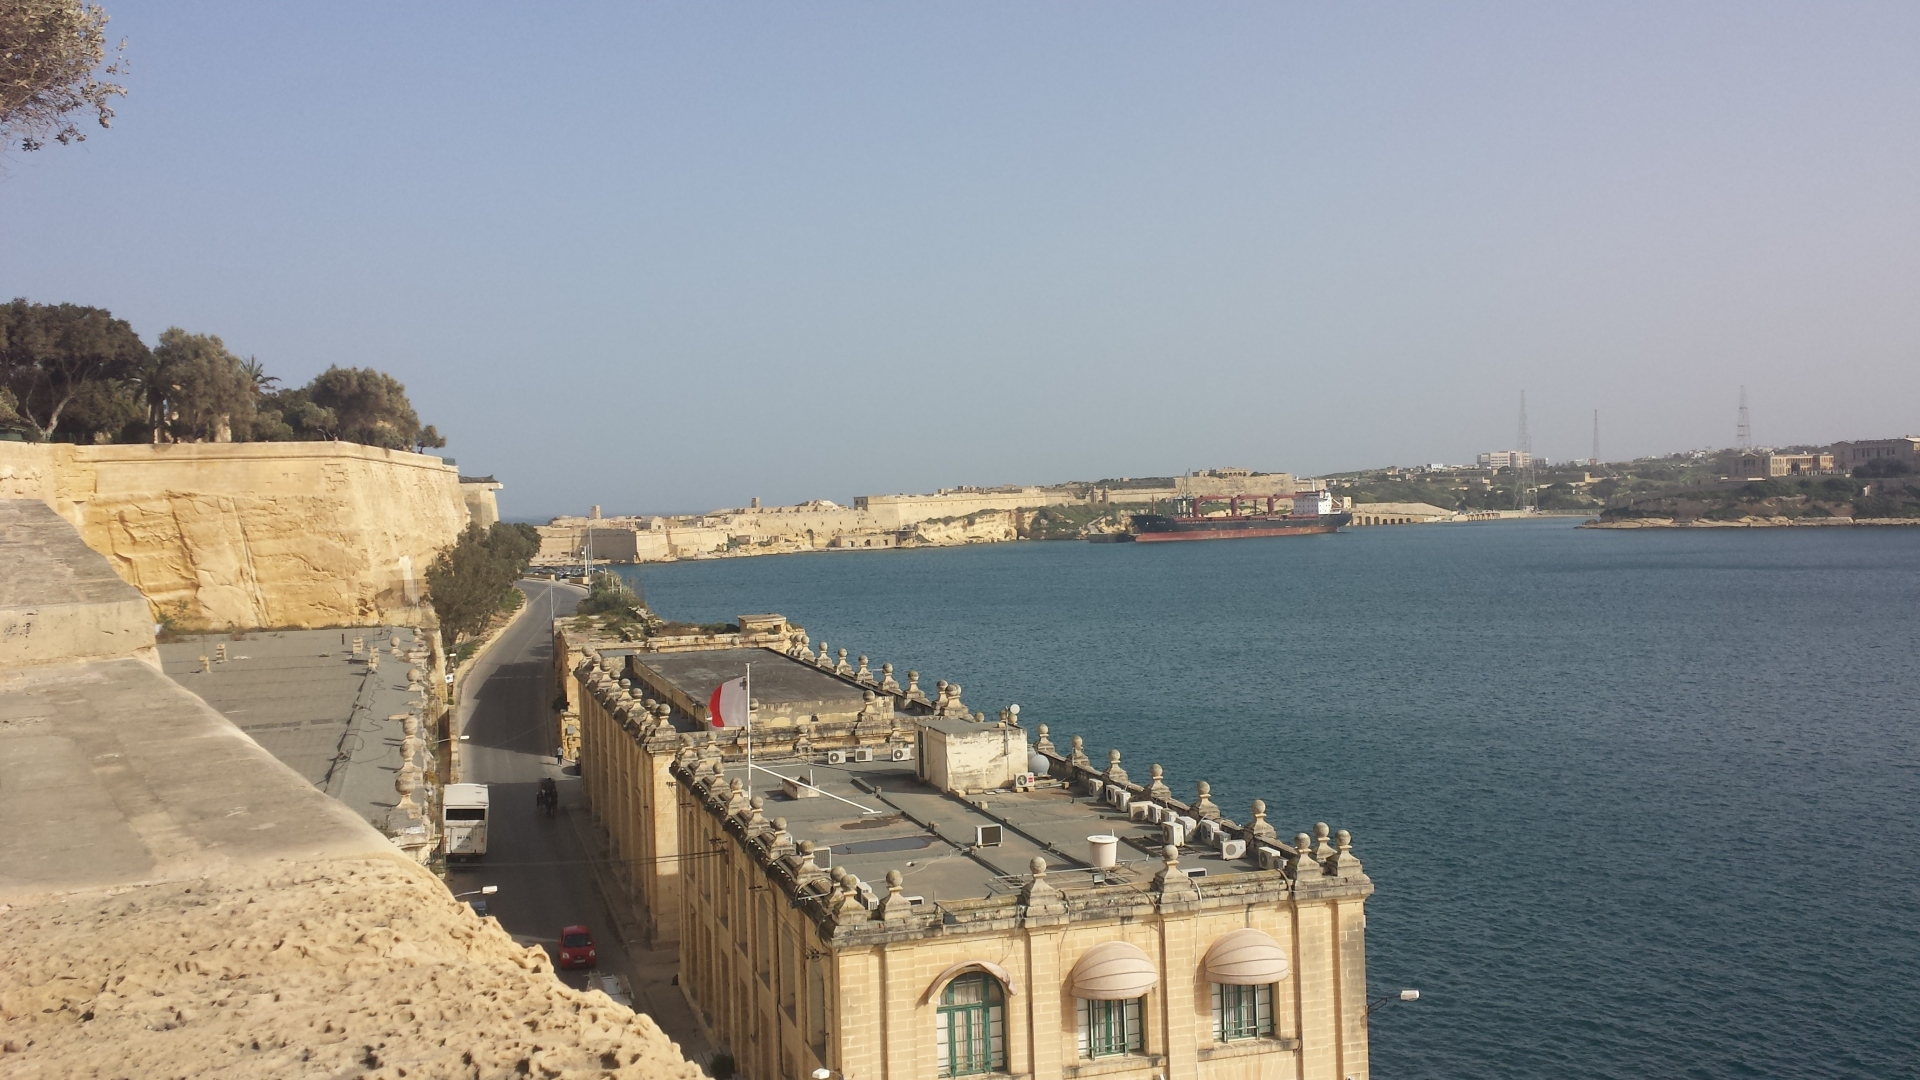 View from Valletta, Malta